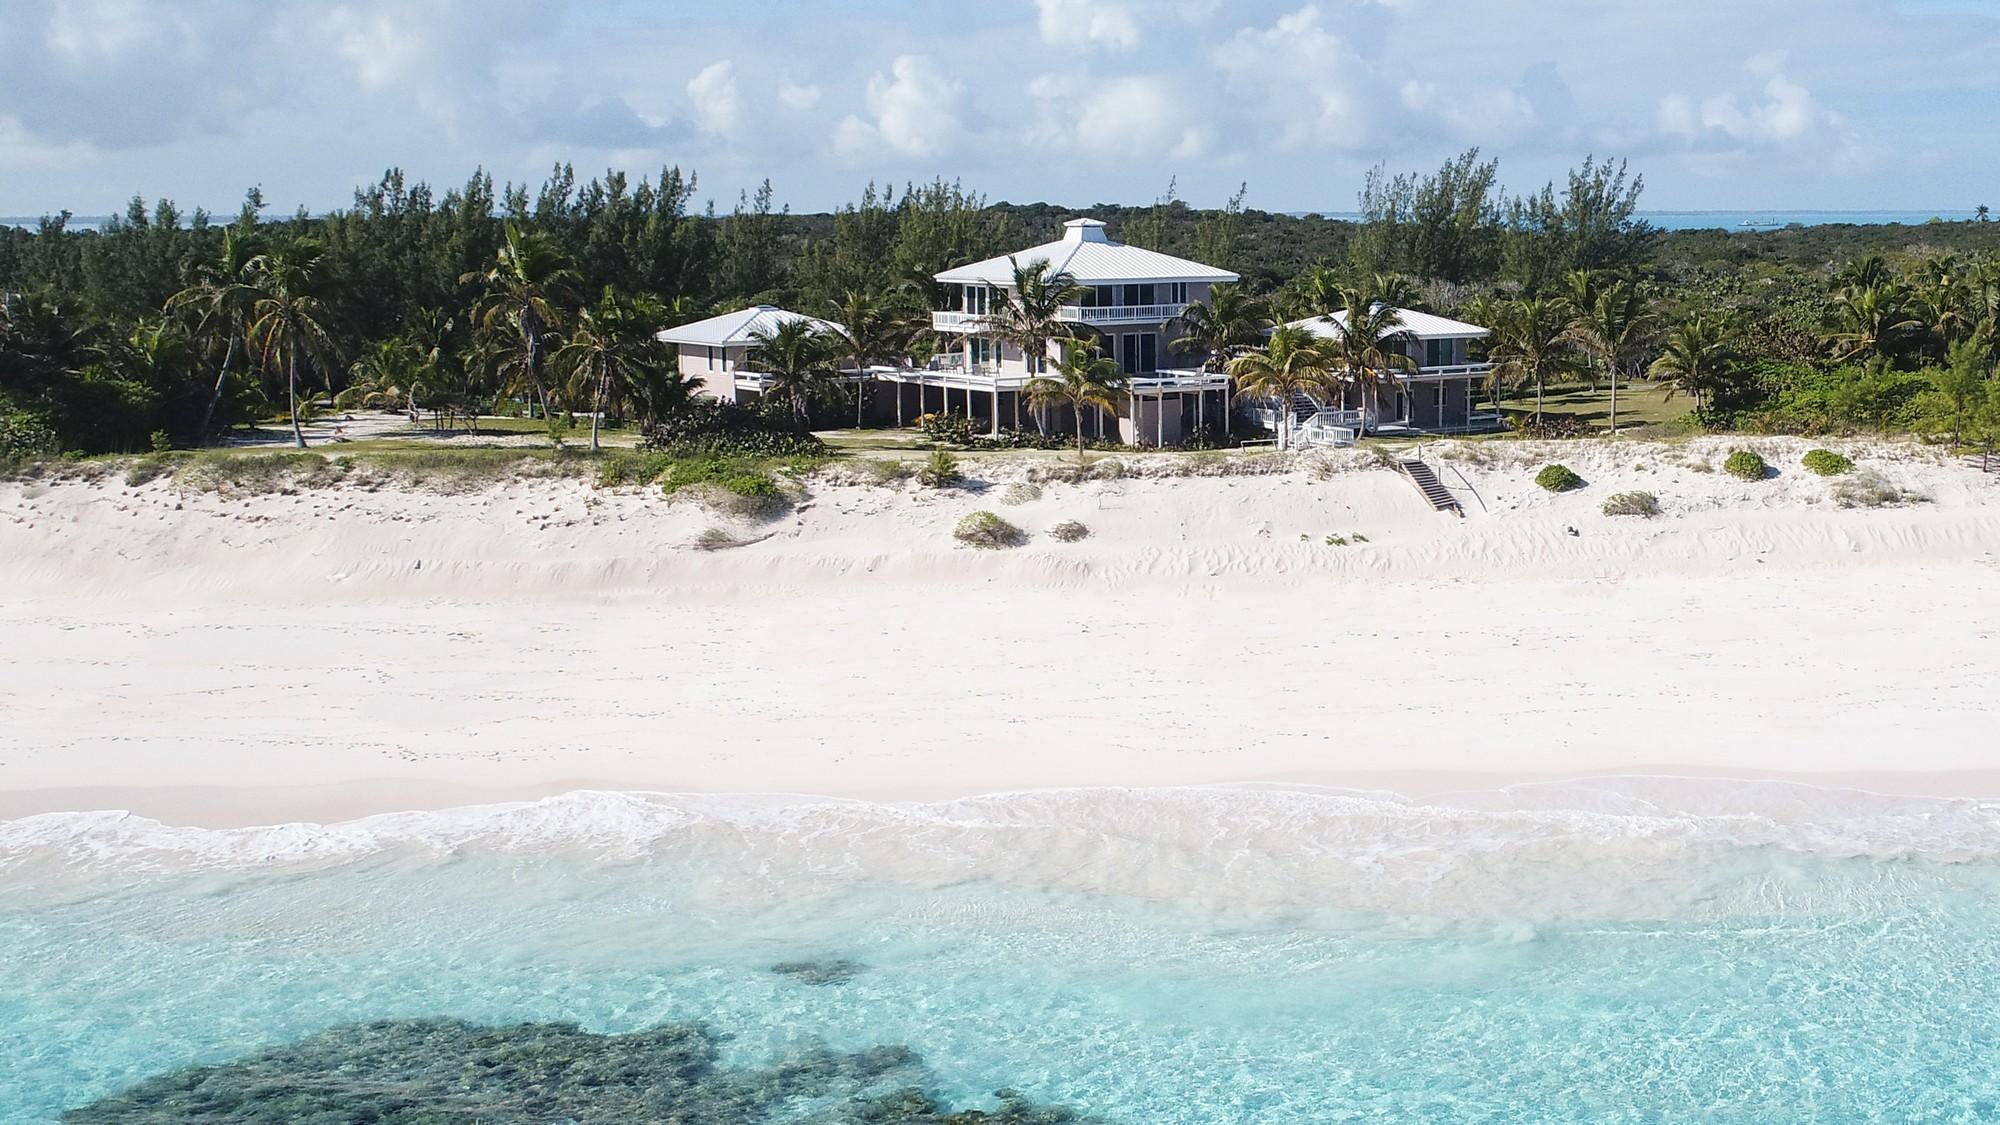 独户住宅 为 销售 在 Tranquility 苏格兰礁, 阿巴科, 巴哈马